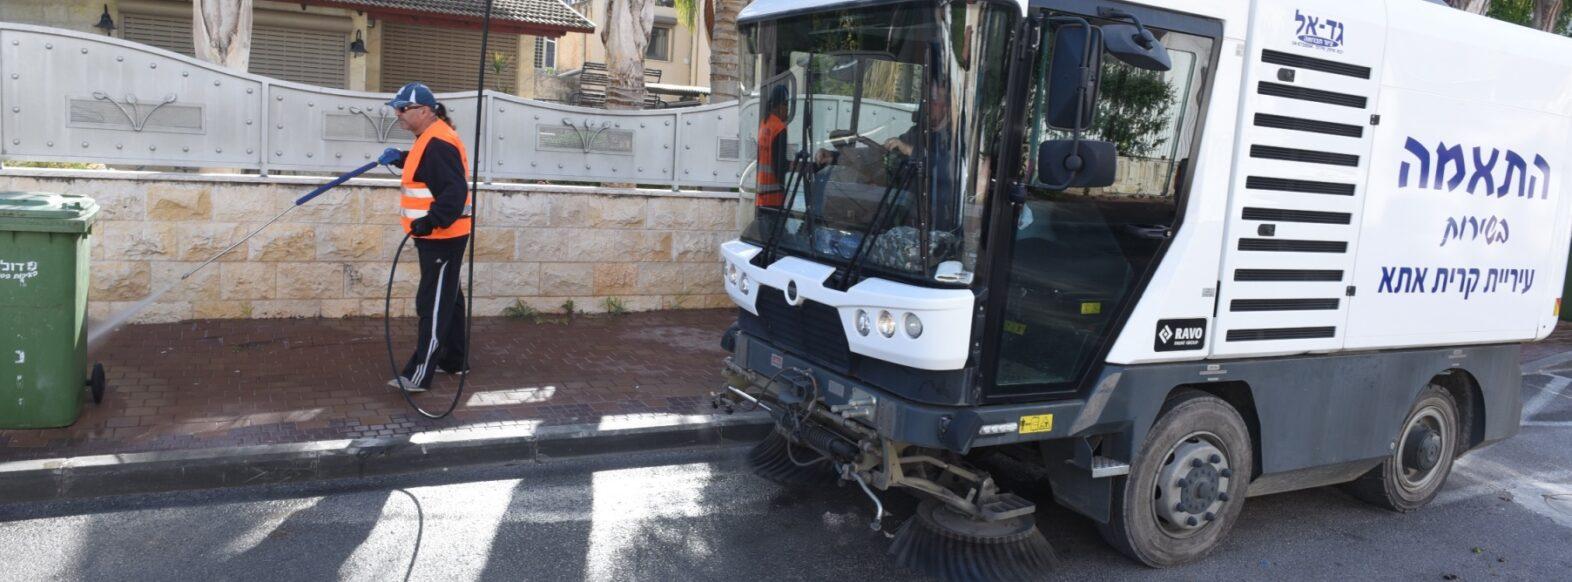 מבצע ניקיון ואכיפה של פסולת וגזם ברחבי העיר